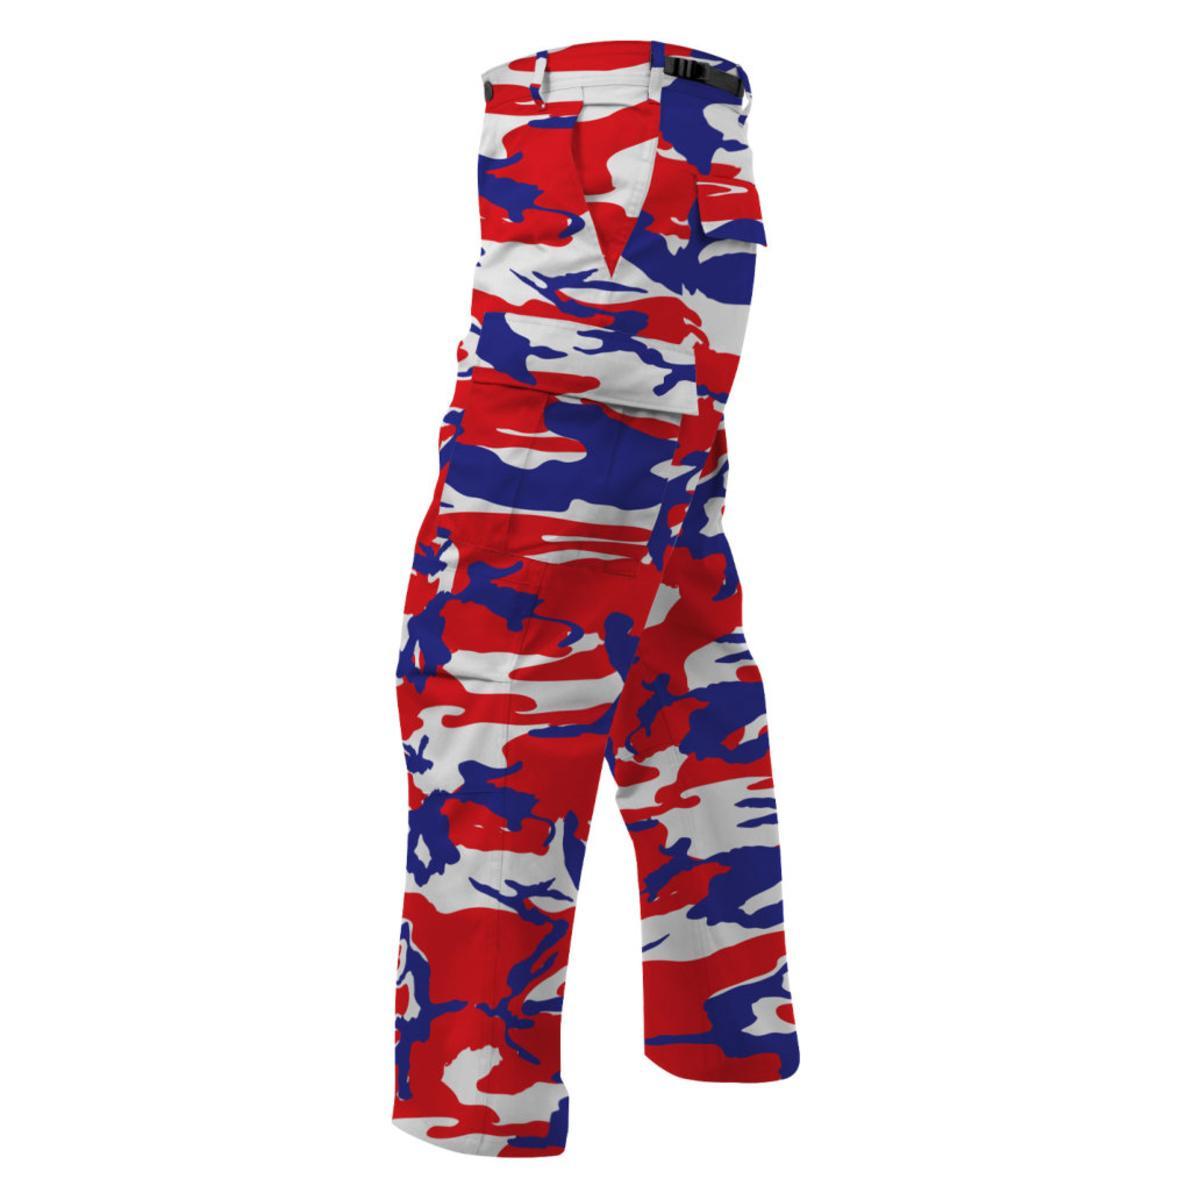 nuovo arrivo 4eb86 48c3b Dettagli su Rothco Colore Camouflage Tactical Bdu Cargo Pantaloni, Rosso,  Bianco e Blu Camo